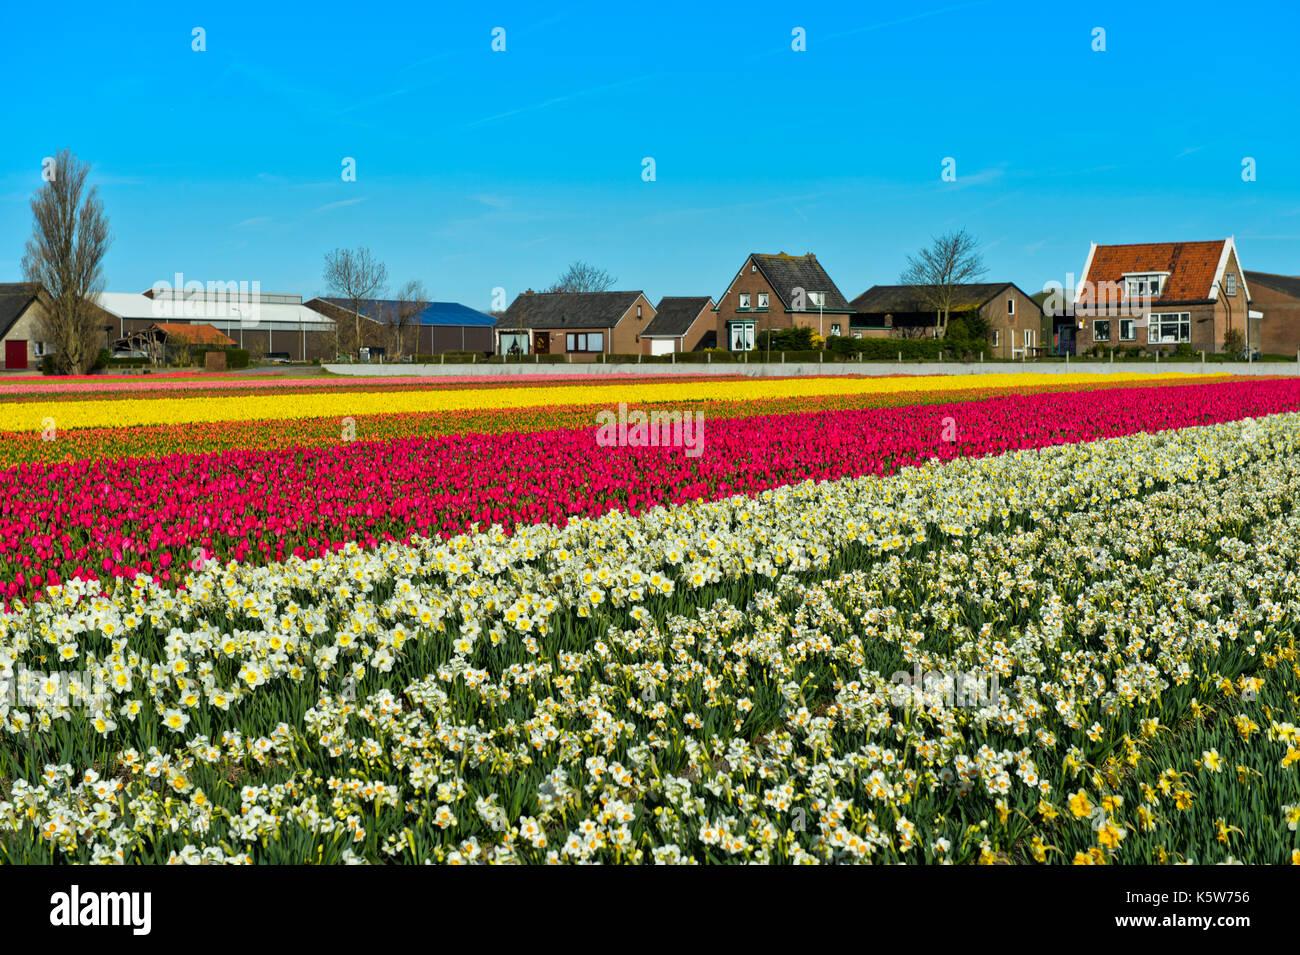 Coltivazione di narcisi e tulipani, fiore lampadina bollenstreek regione, noordwijkerhout, Paesi Bassi Immagini Stock